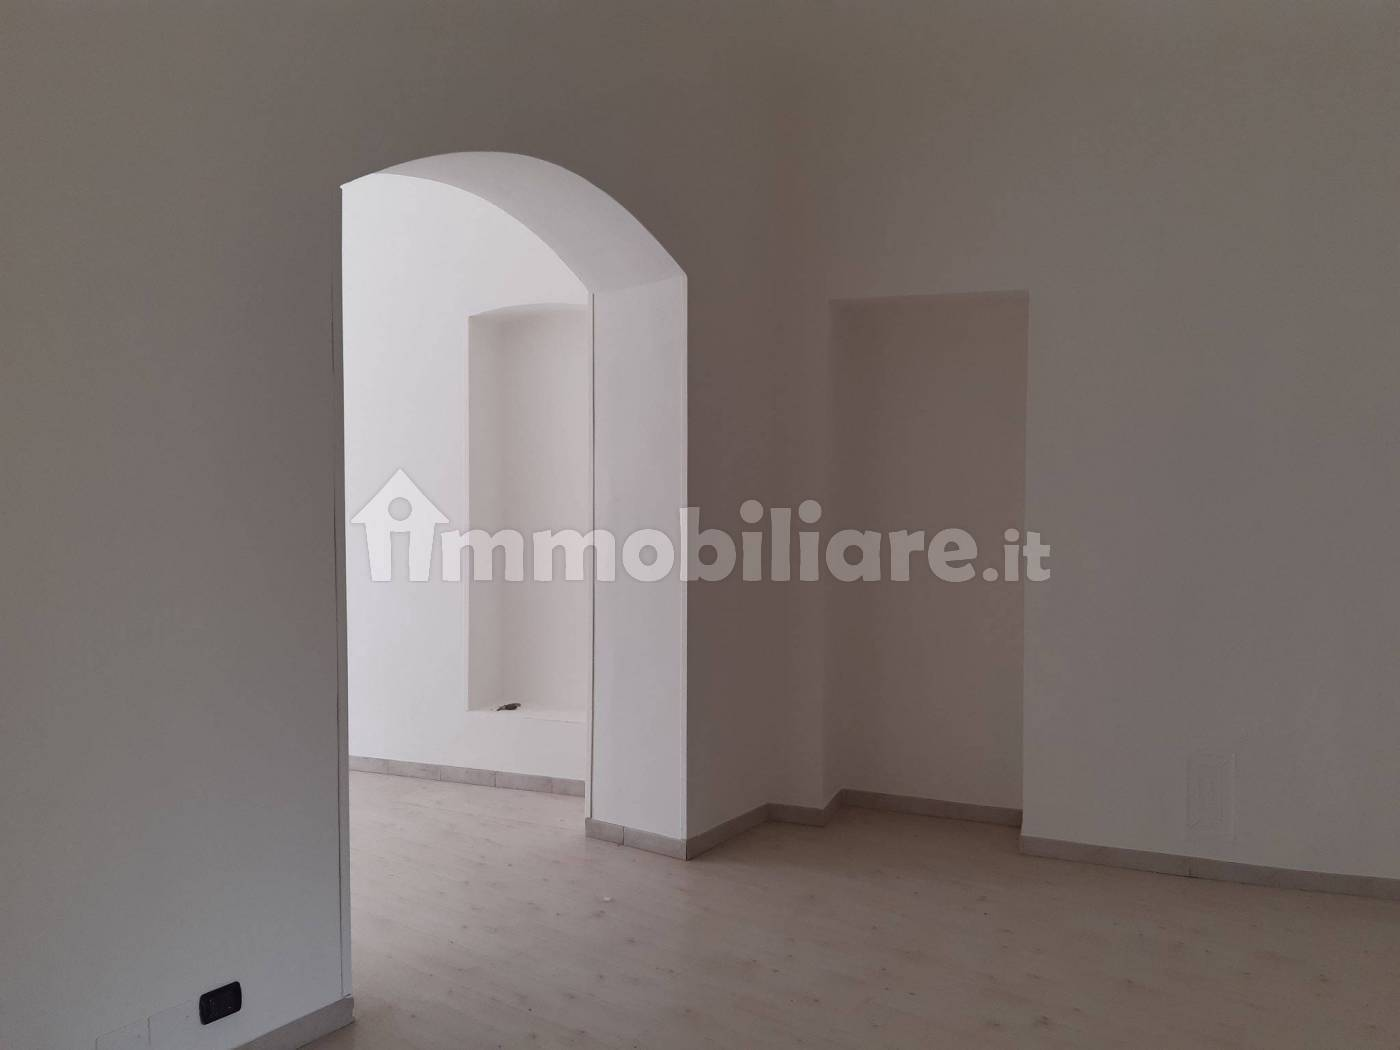 Negozio / Locale in affitto a Pinerolo, 9999 locali, prezzo € 490 | PortaleAgenzieImmobiliari.it